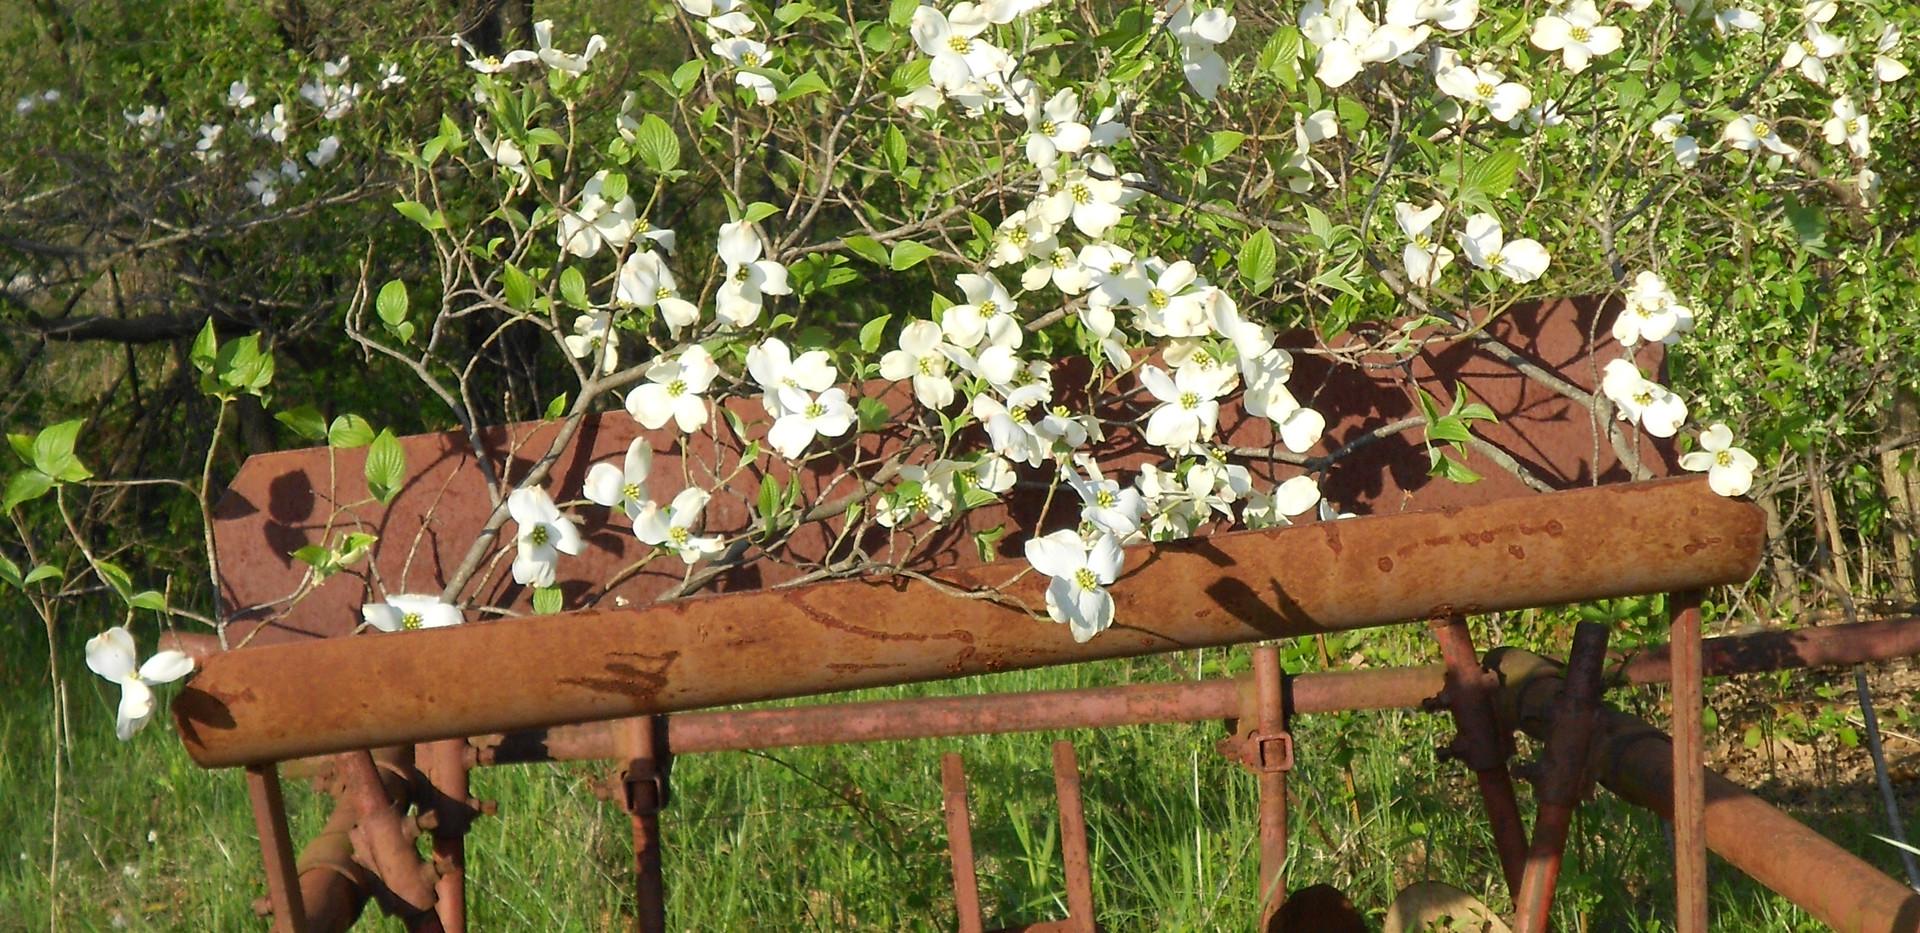 spring2015 163.JPG